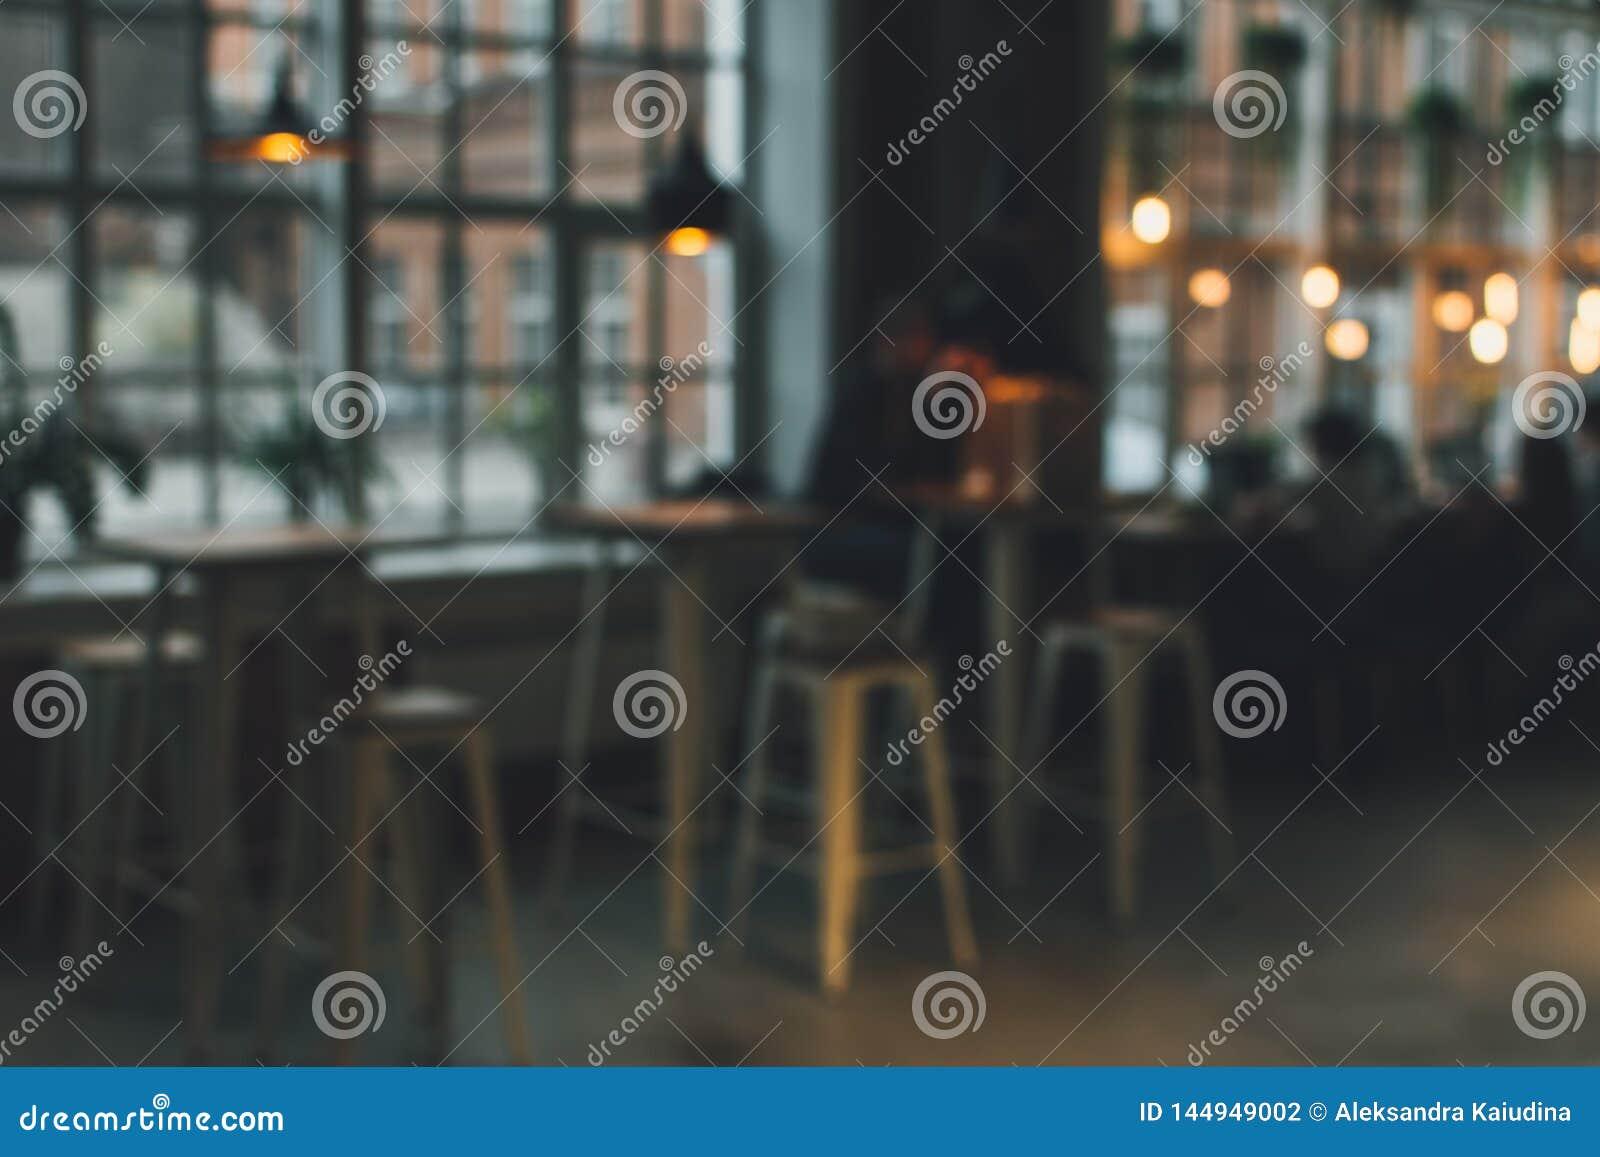 Blurred cafe background.